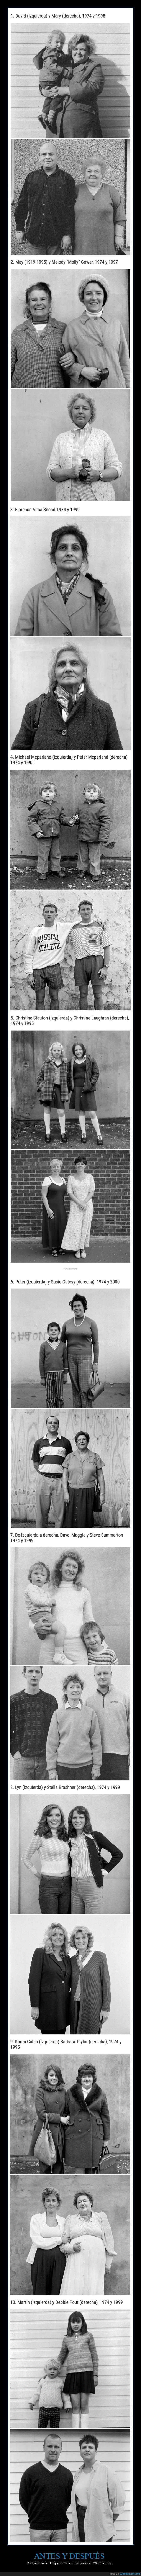 20 años,antes,cambios,después